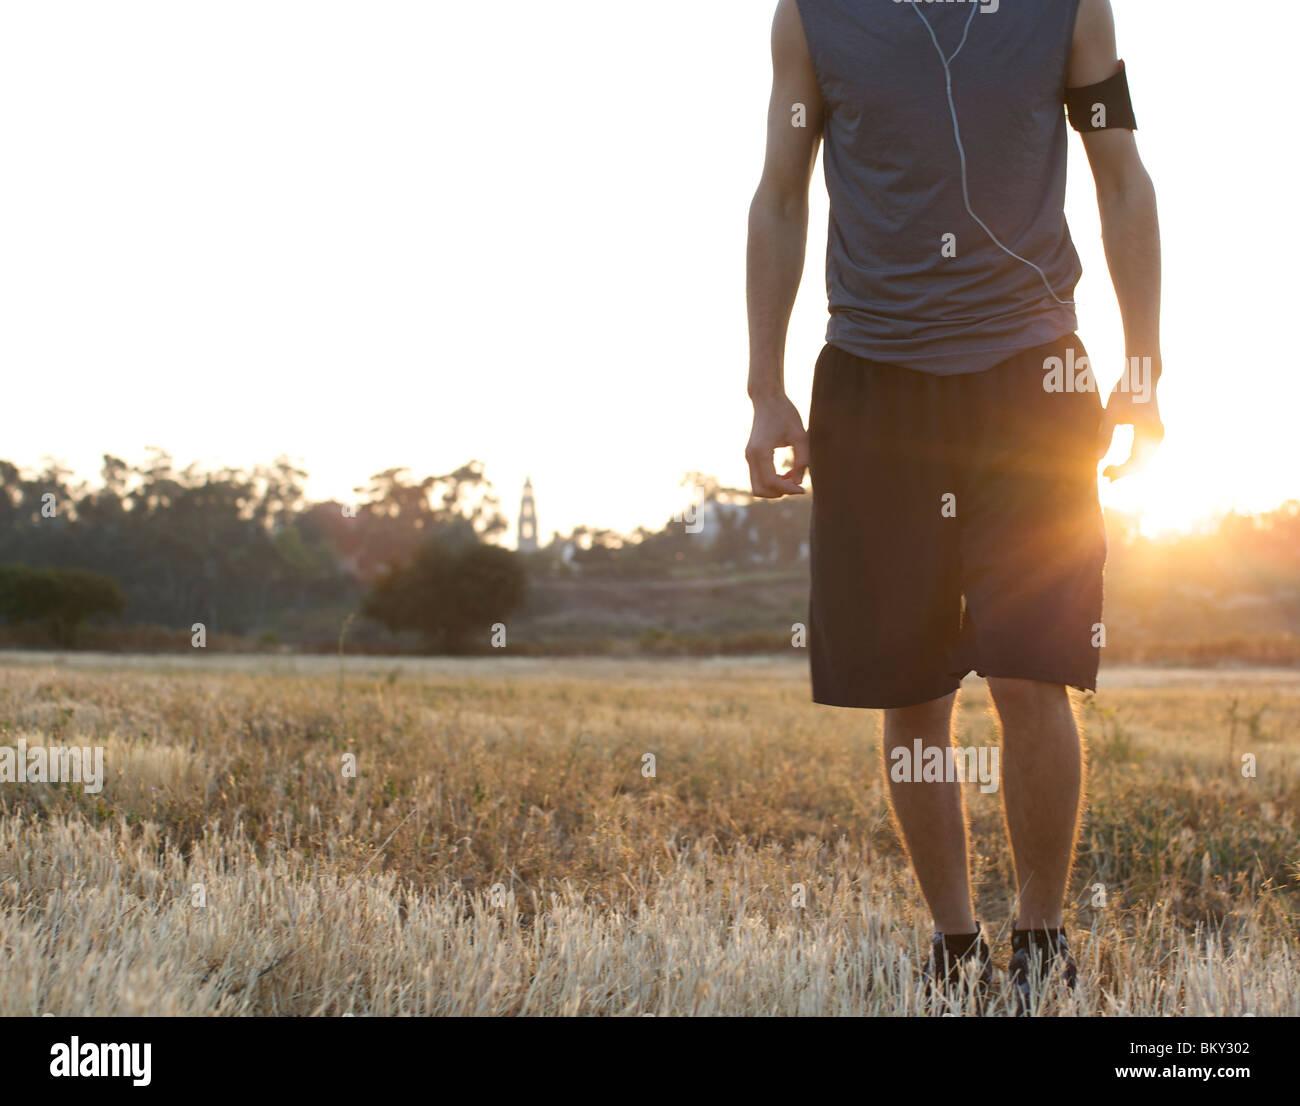 Männliche Läufer bleibt noch für ein Portrait auf einem offenen Feld mit Hintergrundbeleuchtung in Stockbild